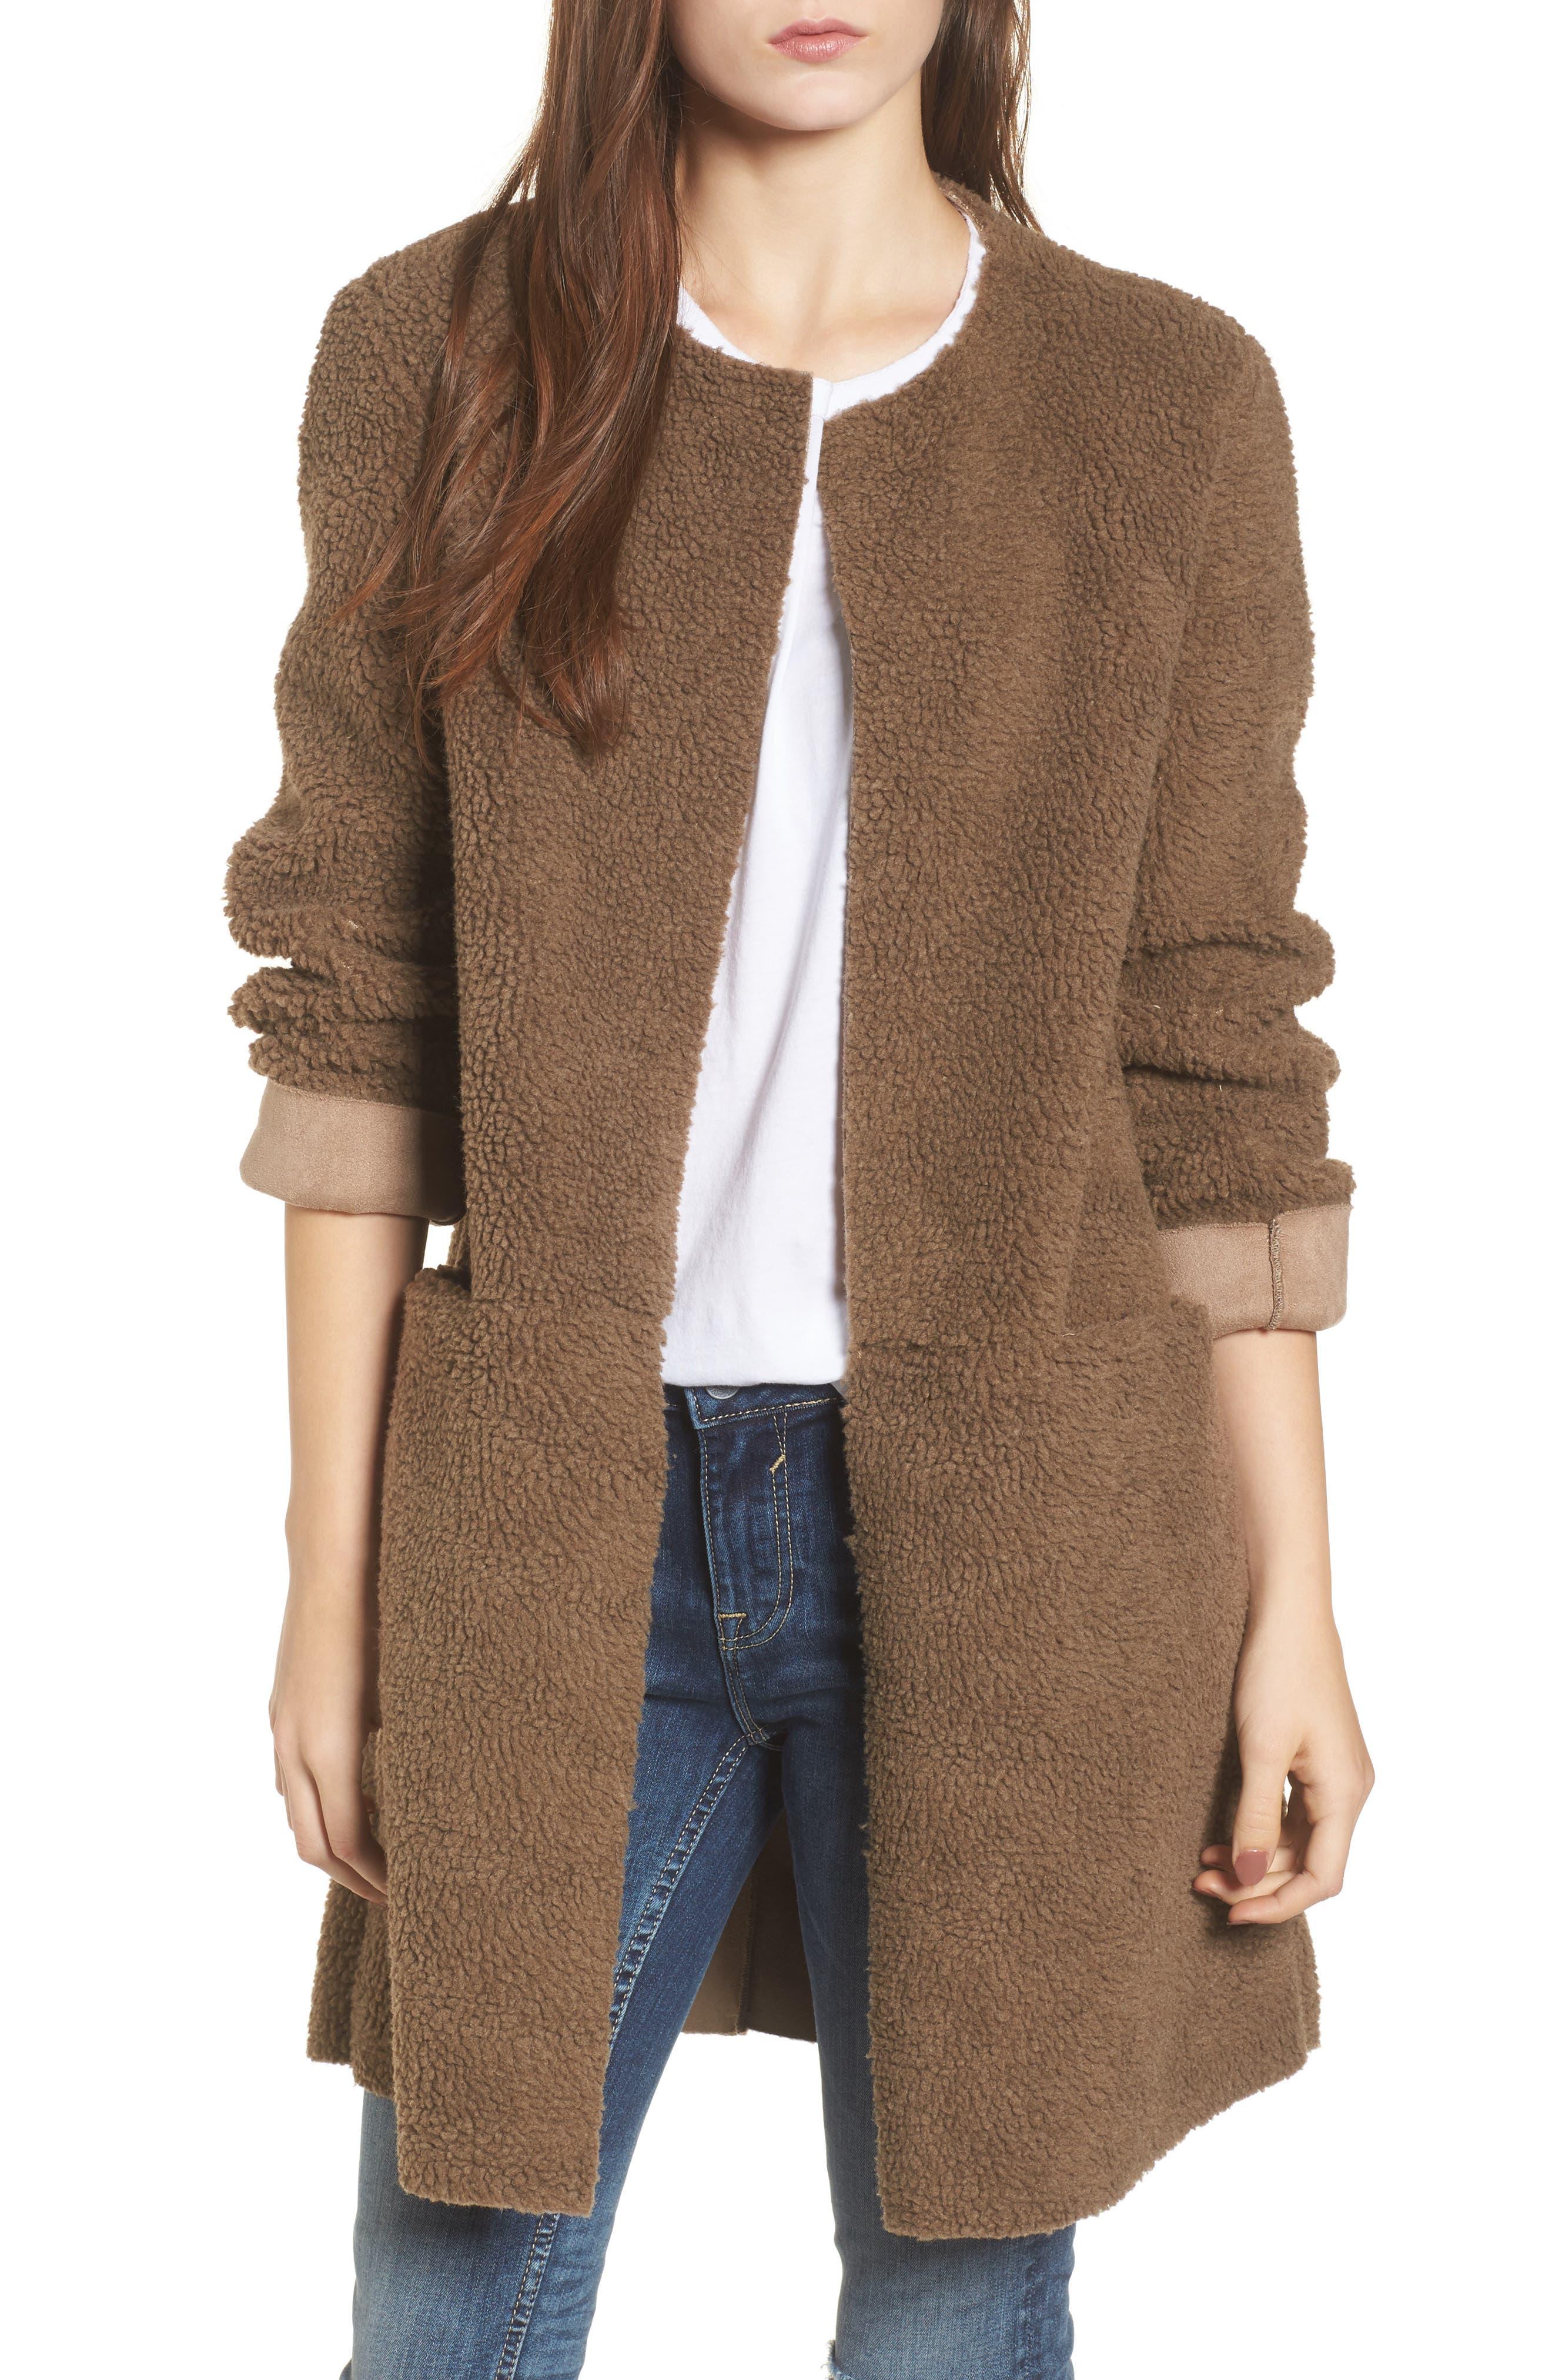 EVIDNT Reversible Fleece Jacket